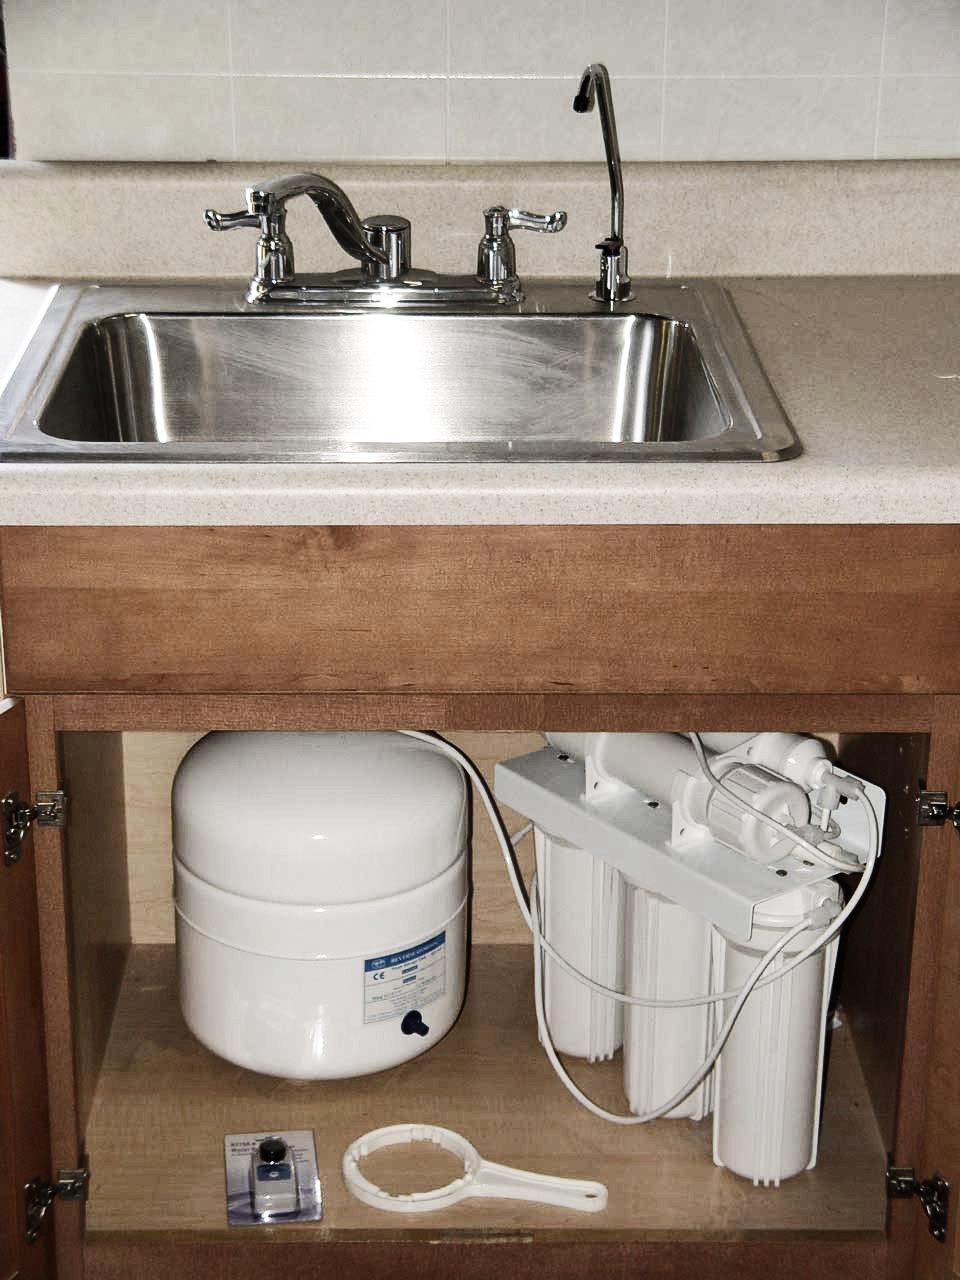 under-sink-ro-unit-installation1